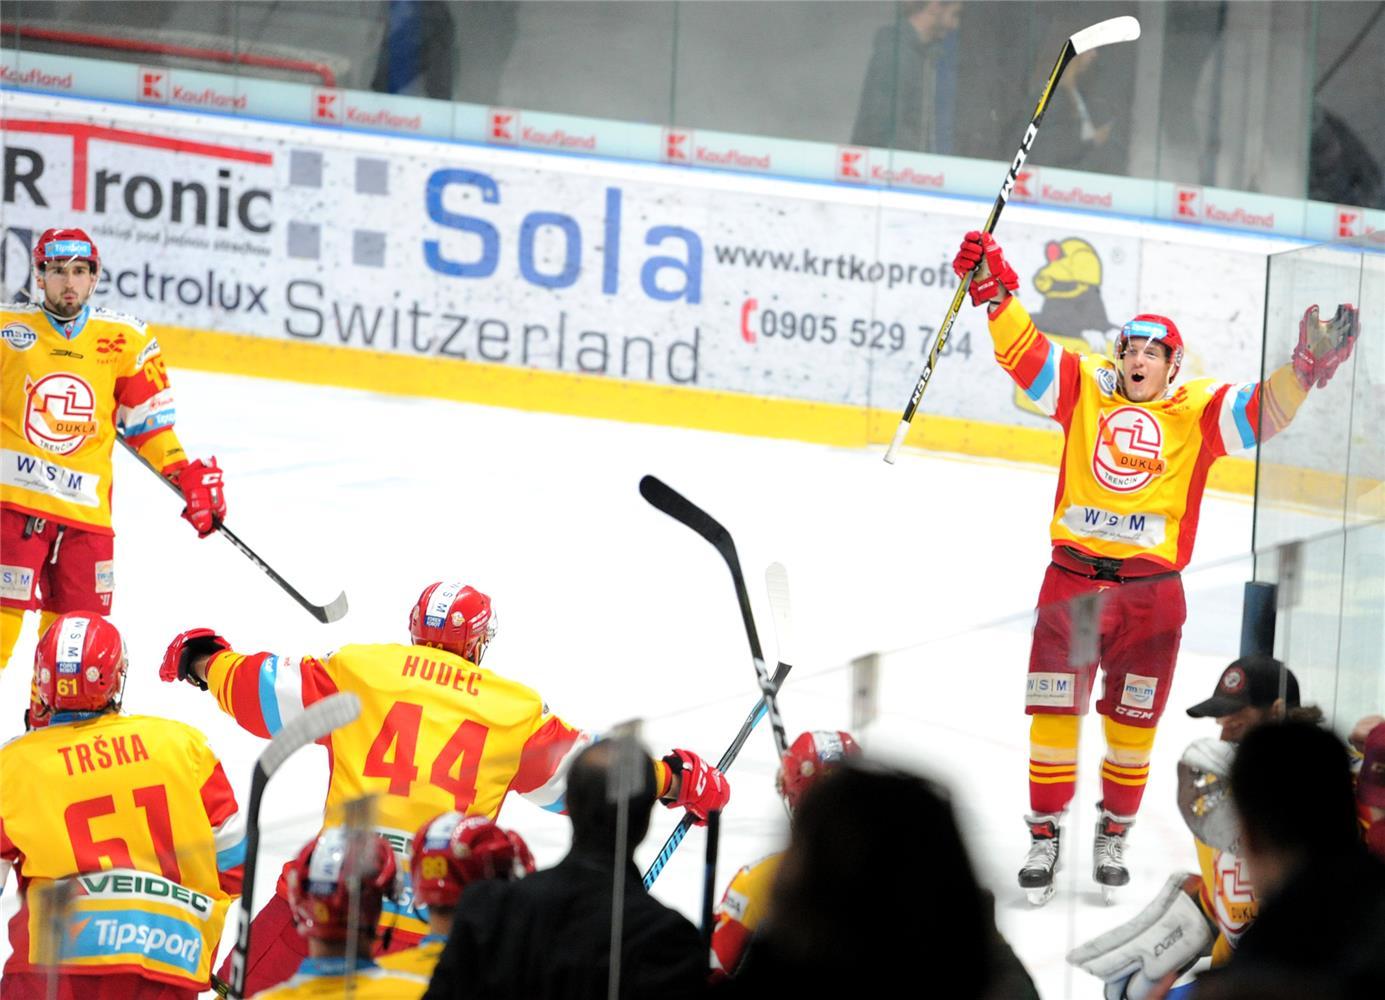 bb5224dc7 PIEŠŤANY 28. novembra (SITA) - Hokejisti Trenčína zvíťazili 4:2 v  Piešťanoch nad hráčmi HK Orange 20 v utorňajšom zápase 23. kola Tipsport  ligy.